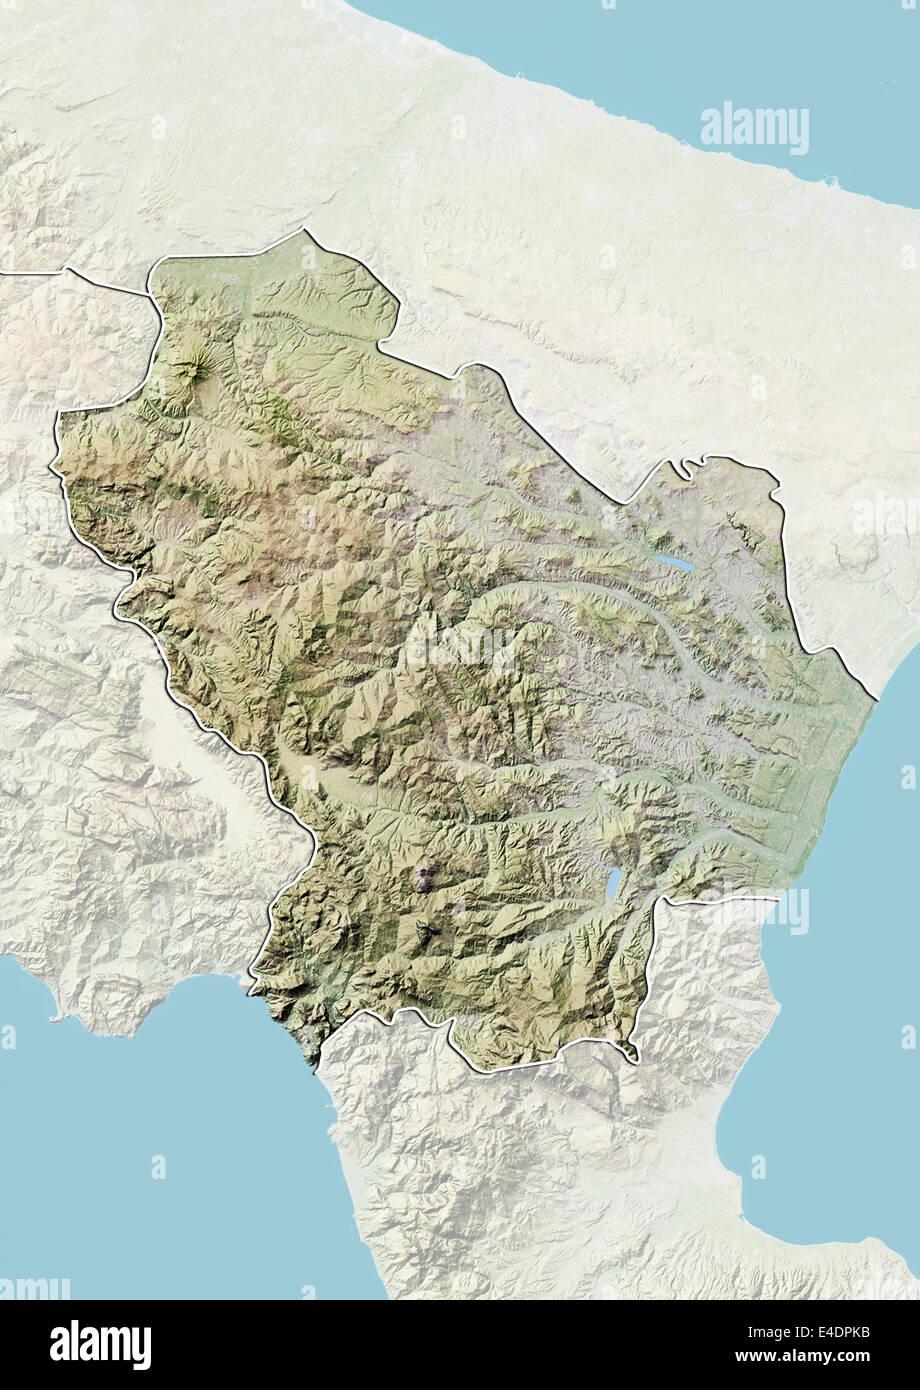 Cartina Geografica Regione Basilicata.Regione Basilicata Italia Mappa Di Sfiato Foto Stock Alamy